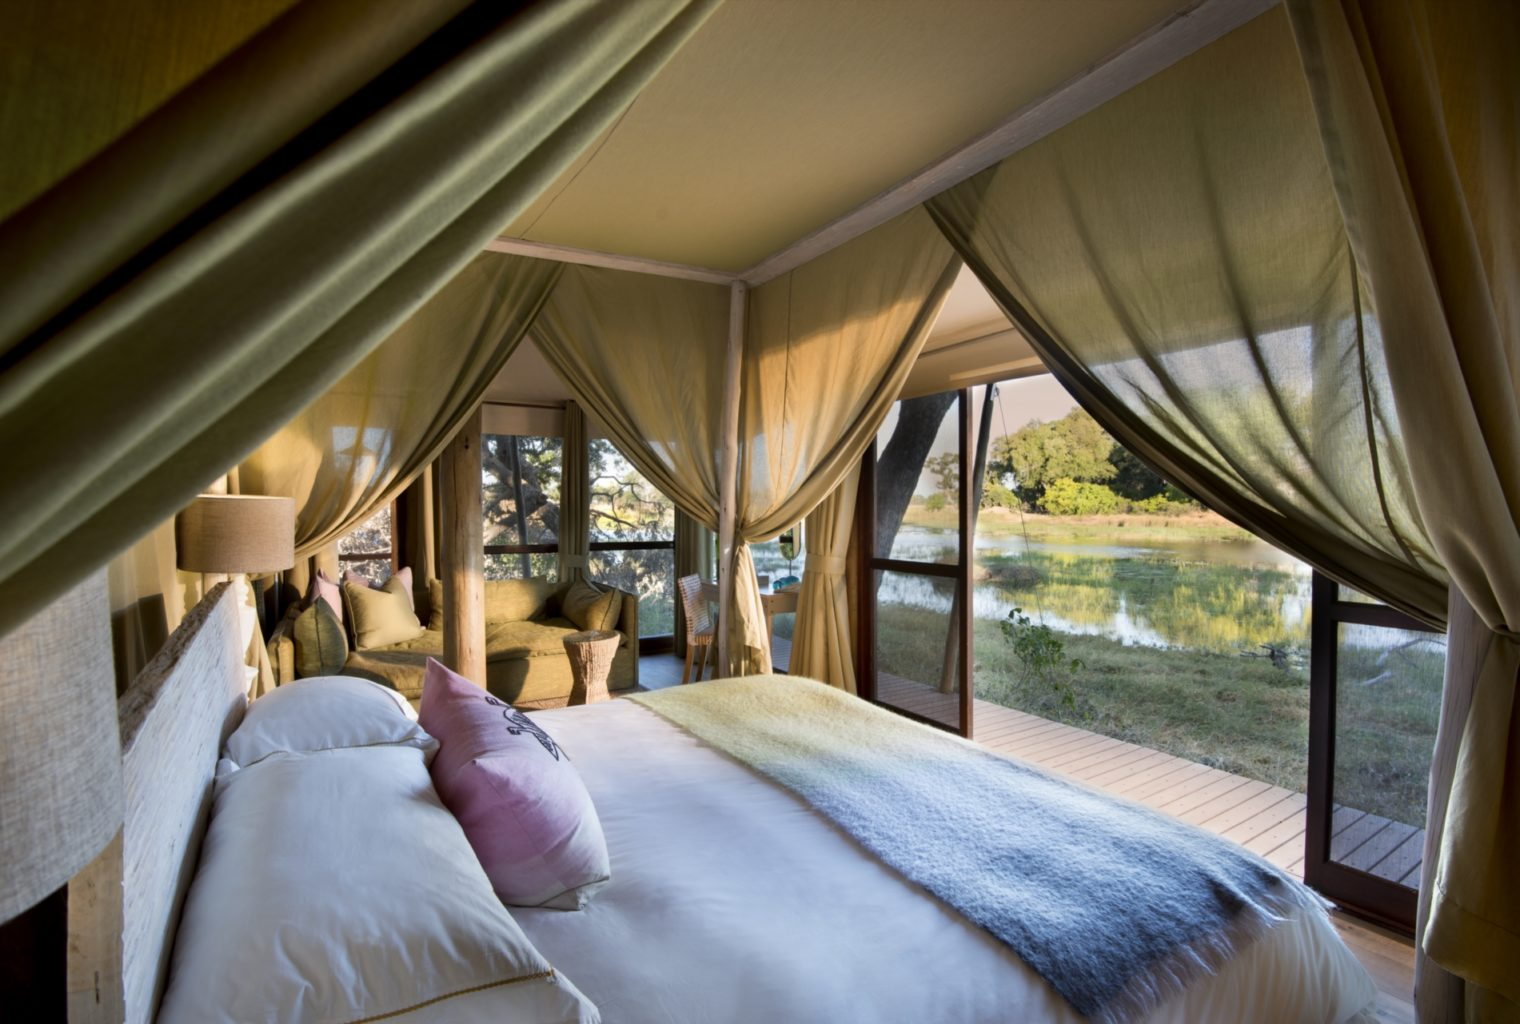 &Beyond, Xaranna, Okavango Delta, Camp, Bedroom